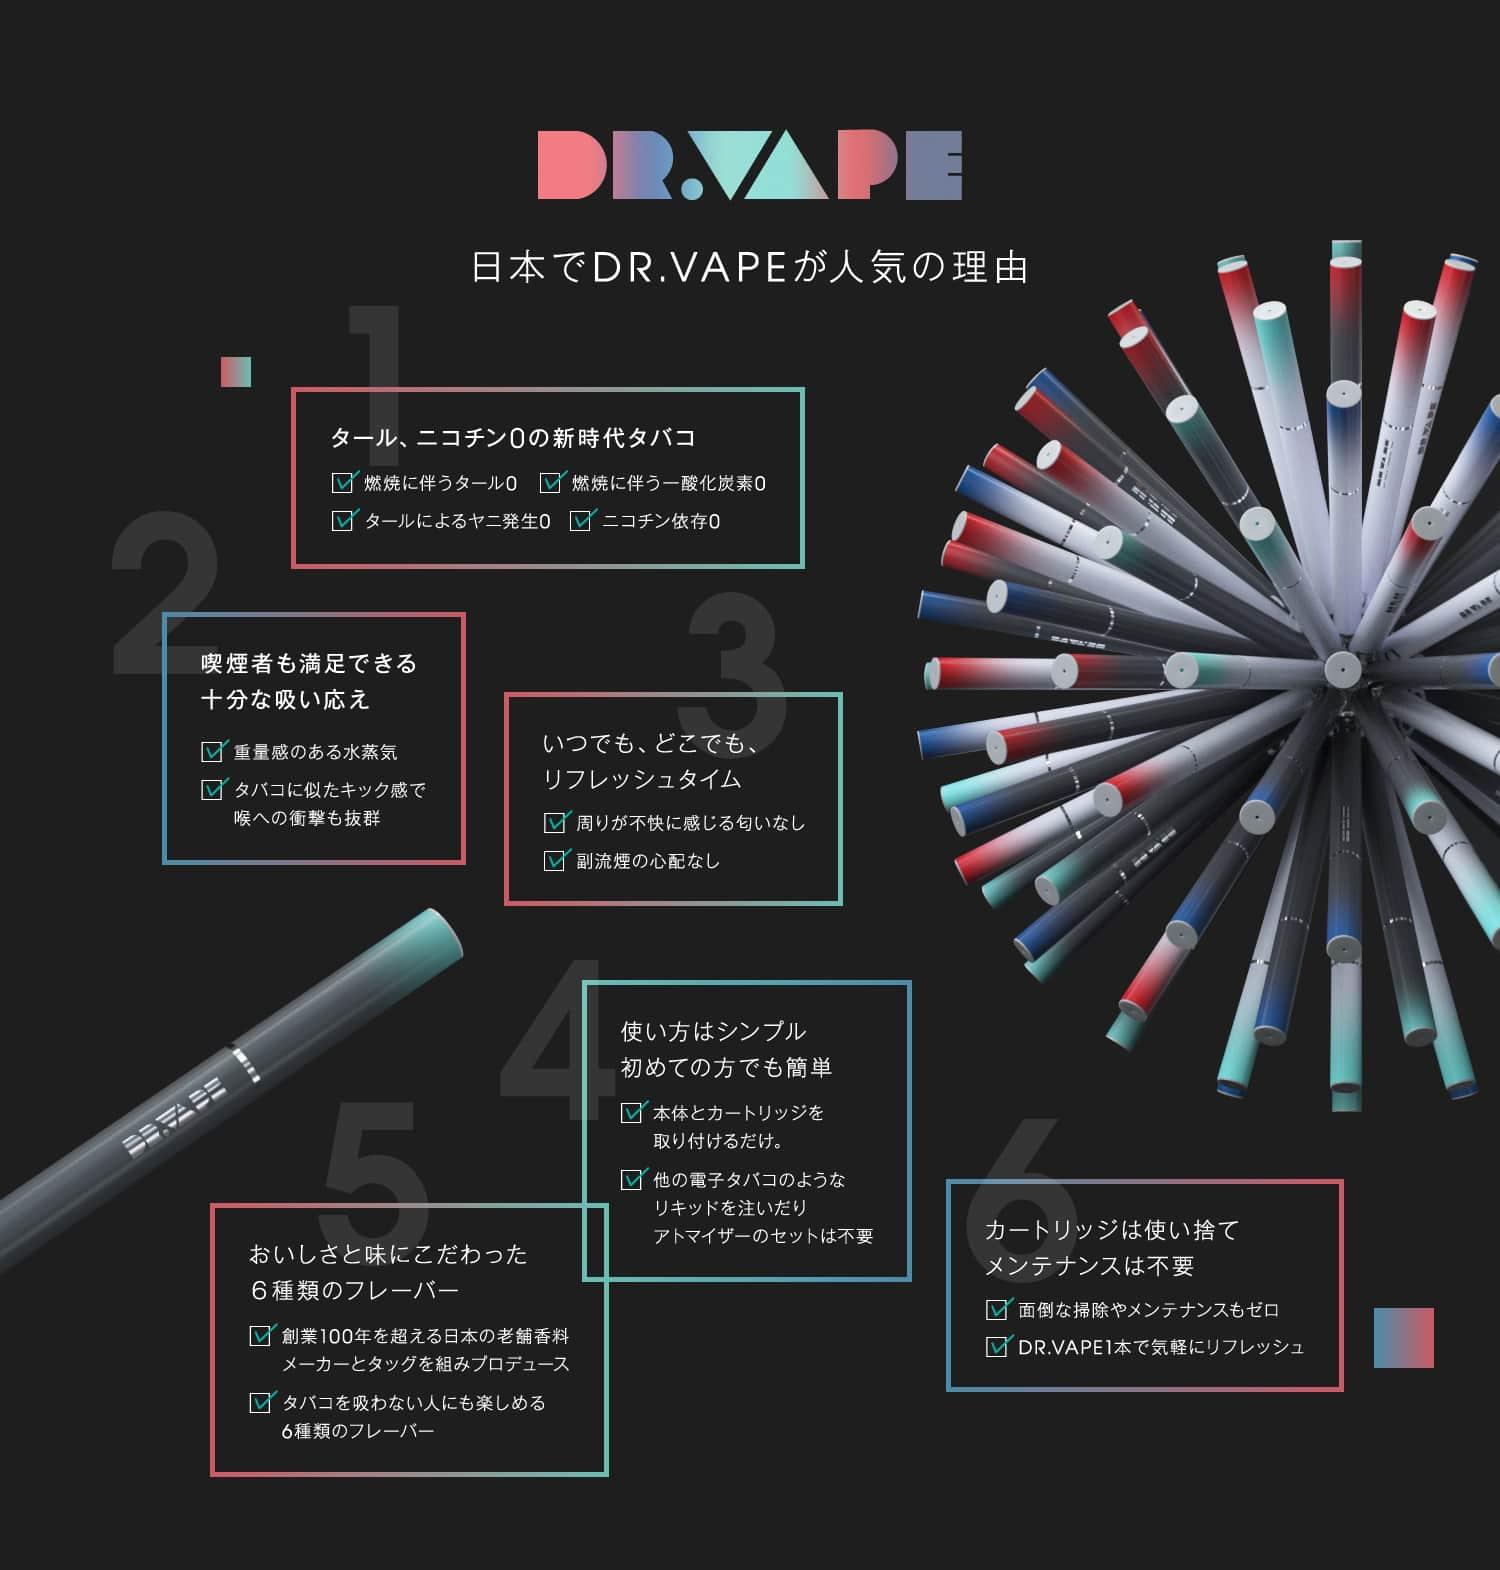 日本でDR.VAPEが人気の理由